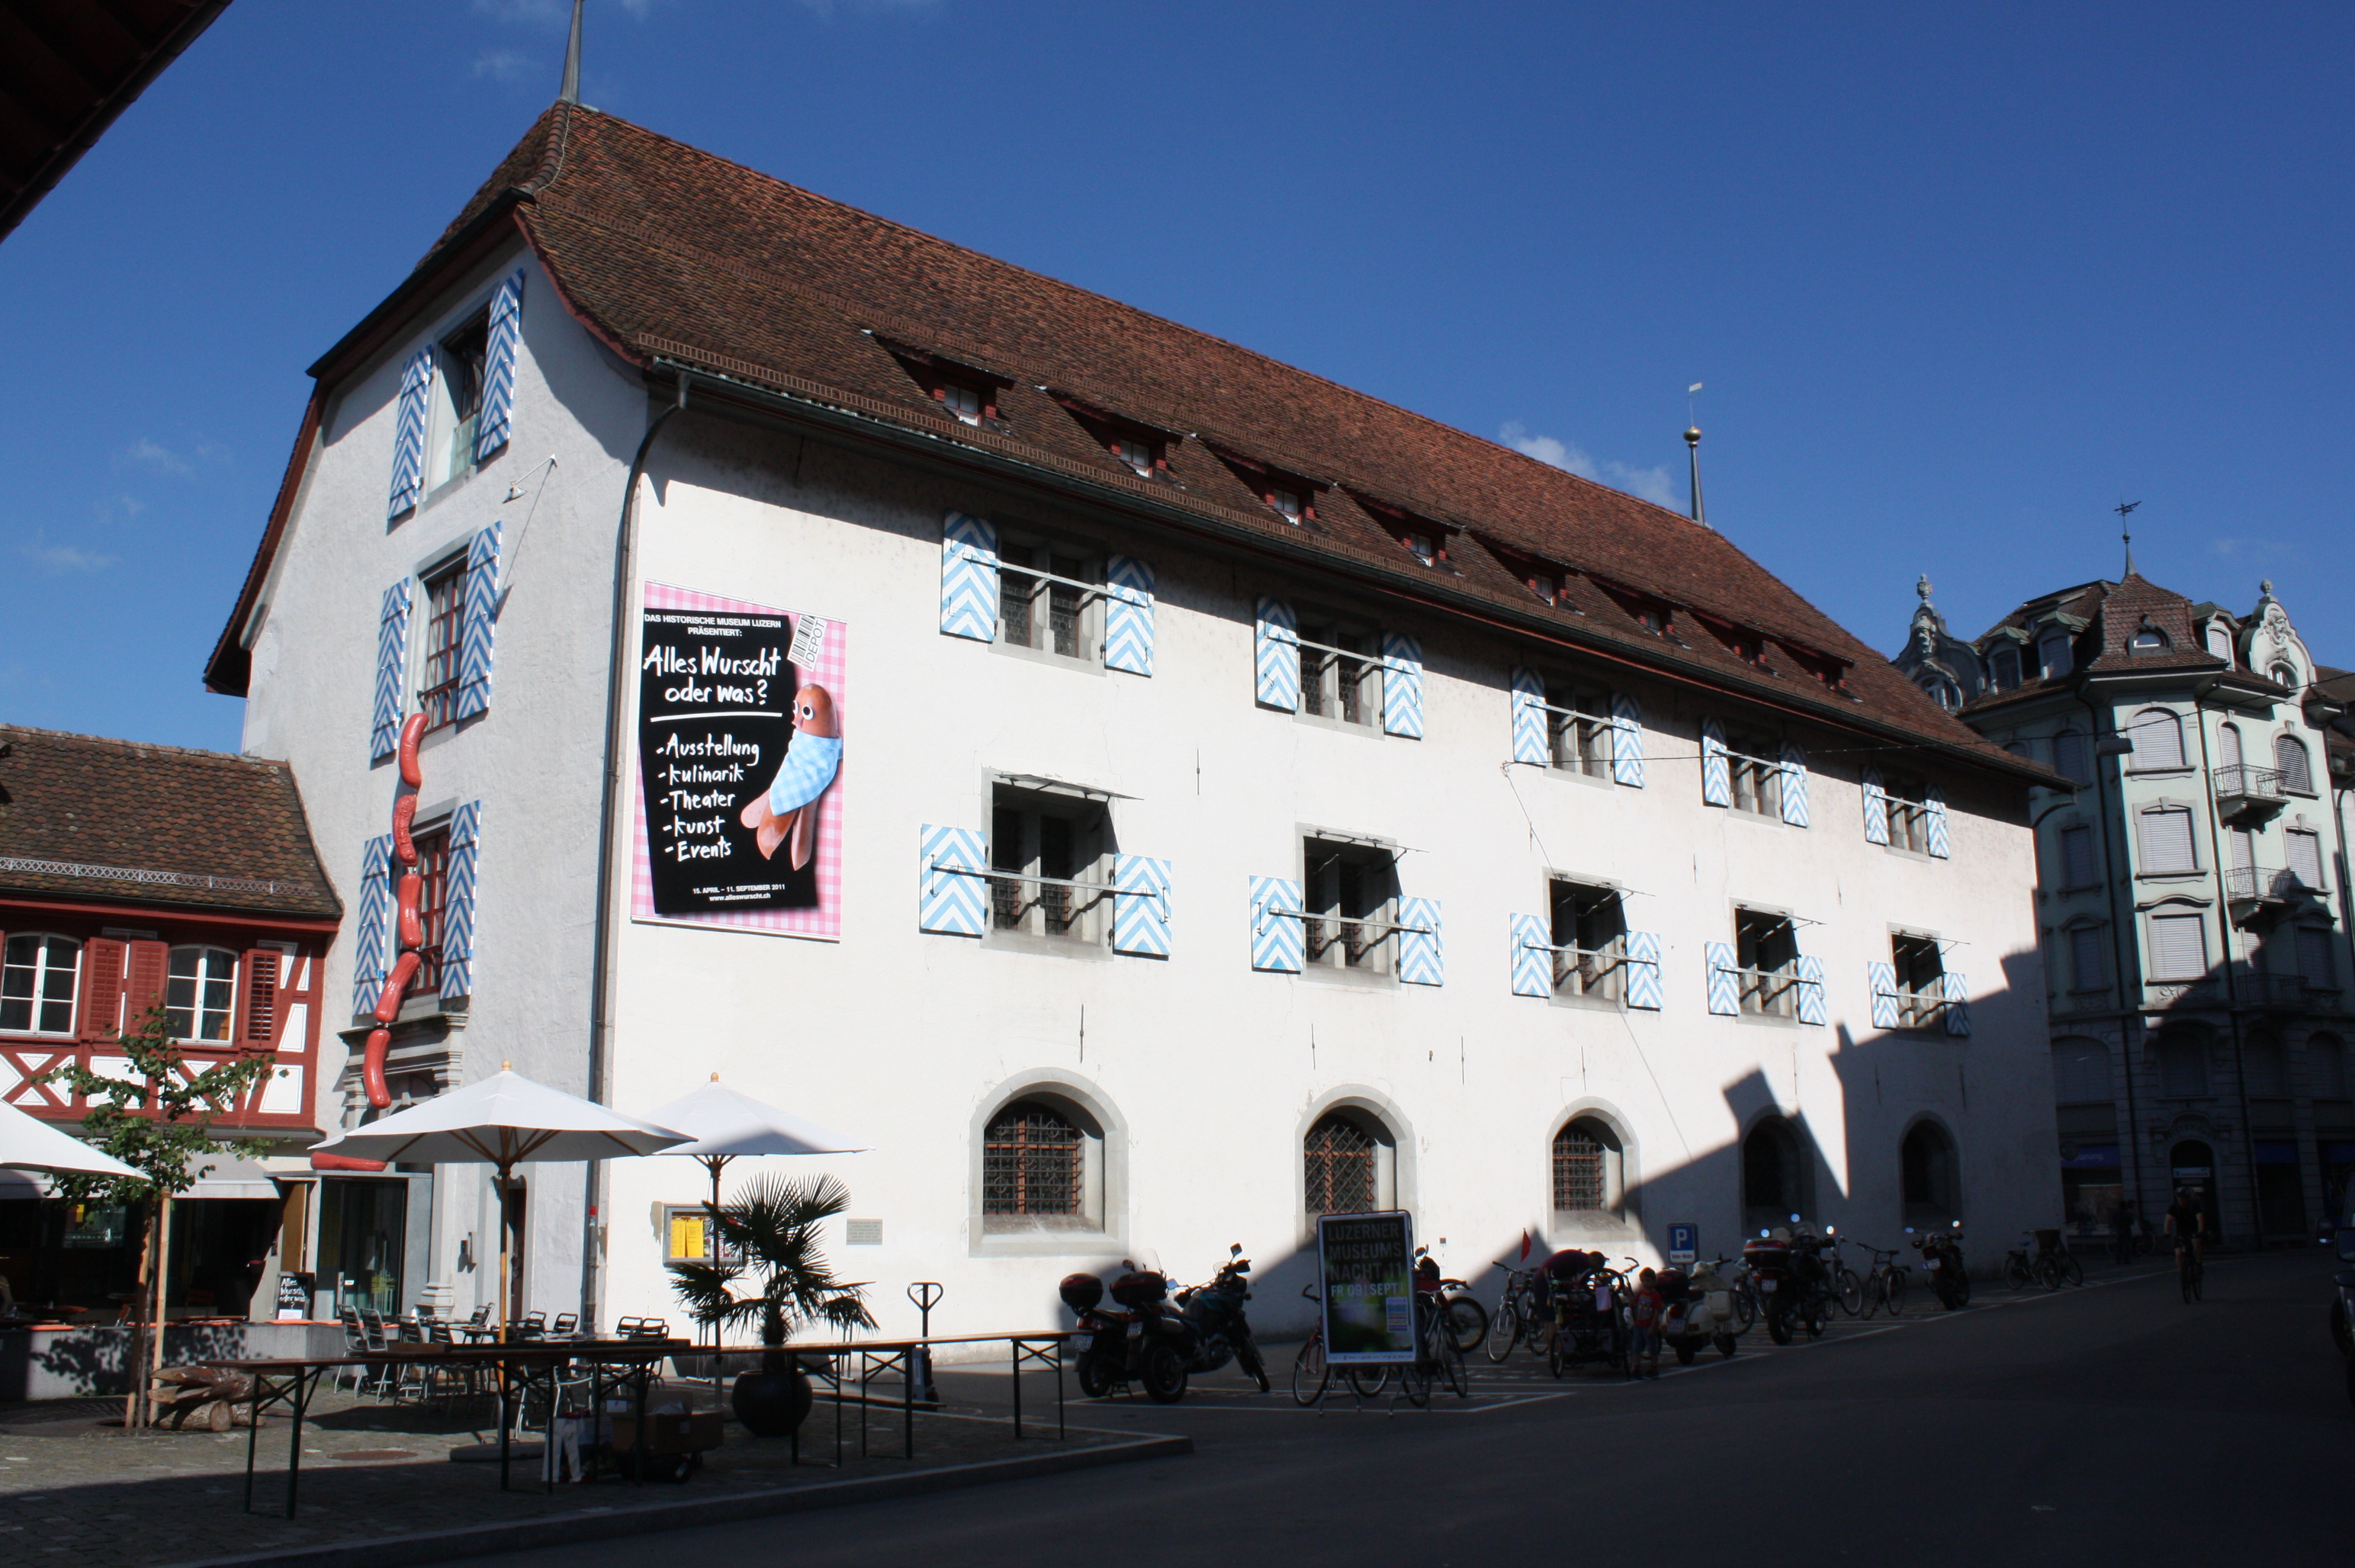 Historisches Museum, Luzern IMG 4928.jpg